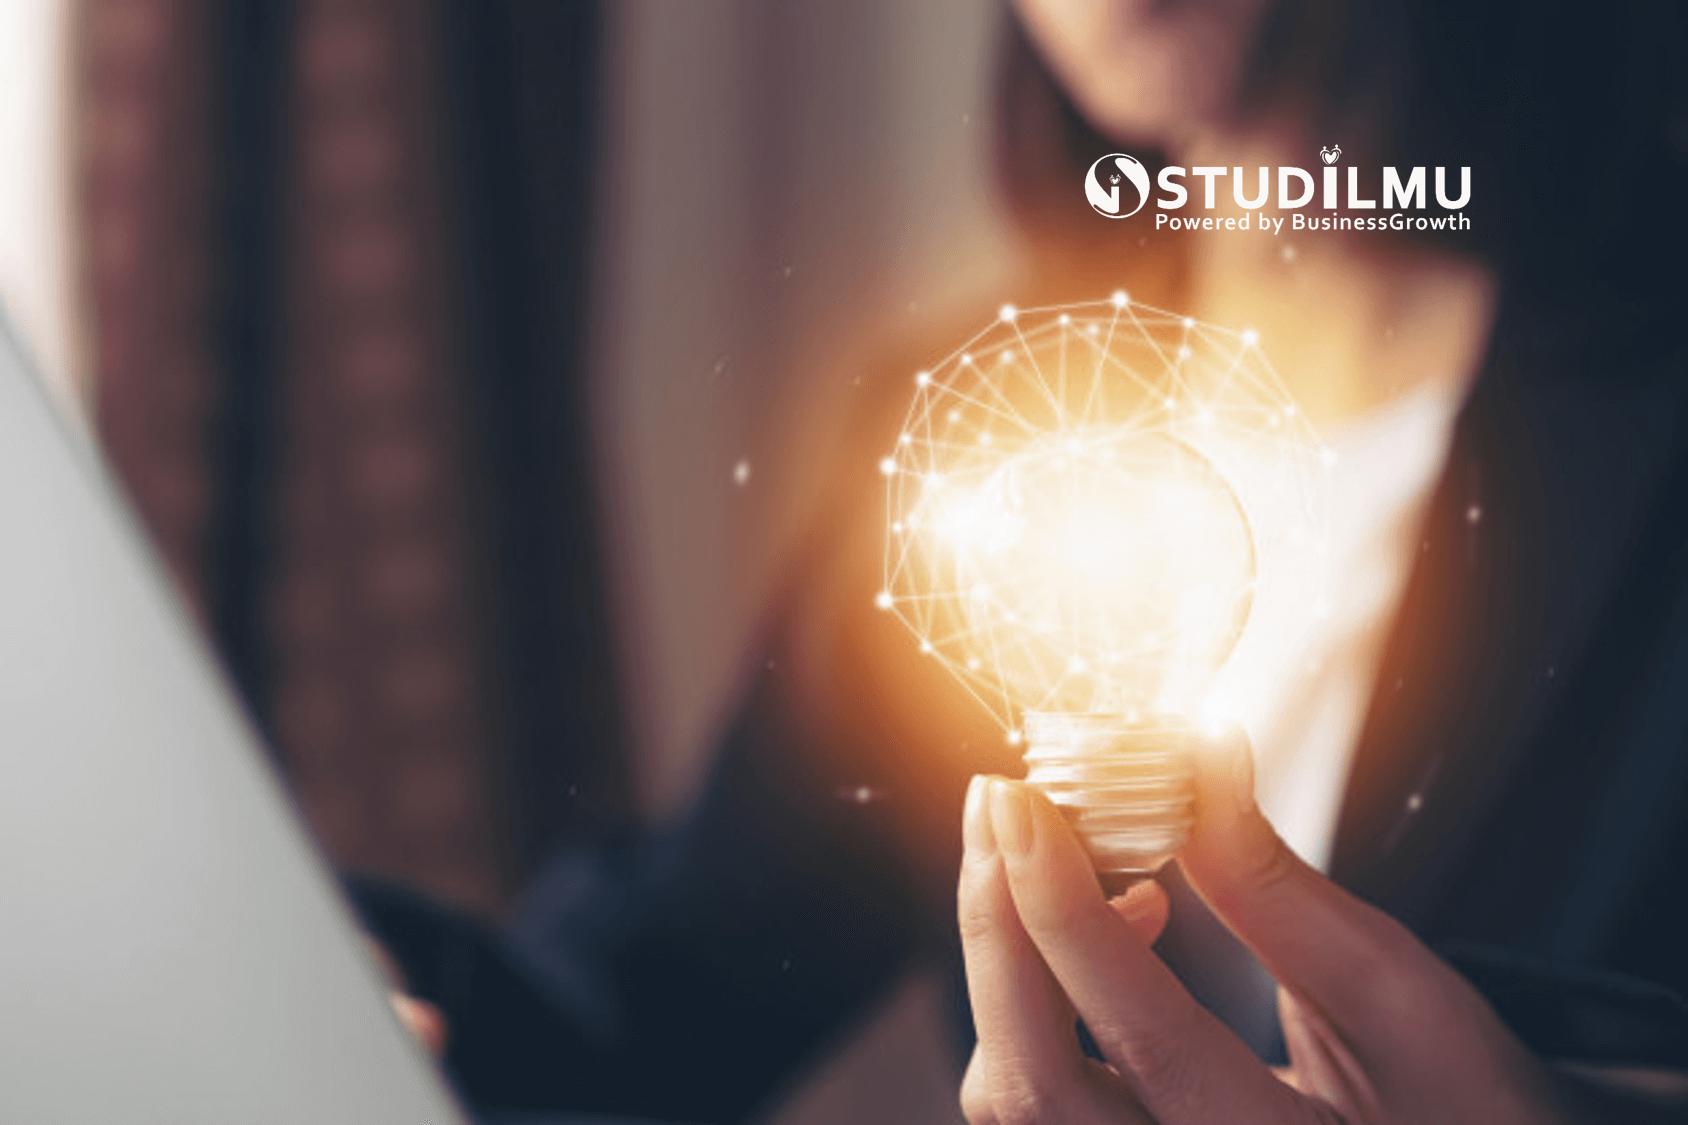 STUDILMU Career Advice - 4 Pertanyaan Penting dalam Memilih Ide Bisnis yang Tepat